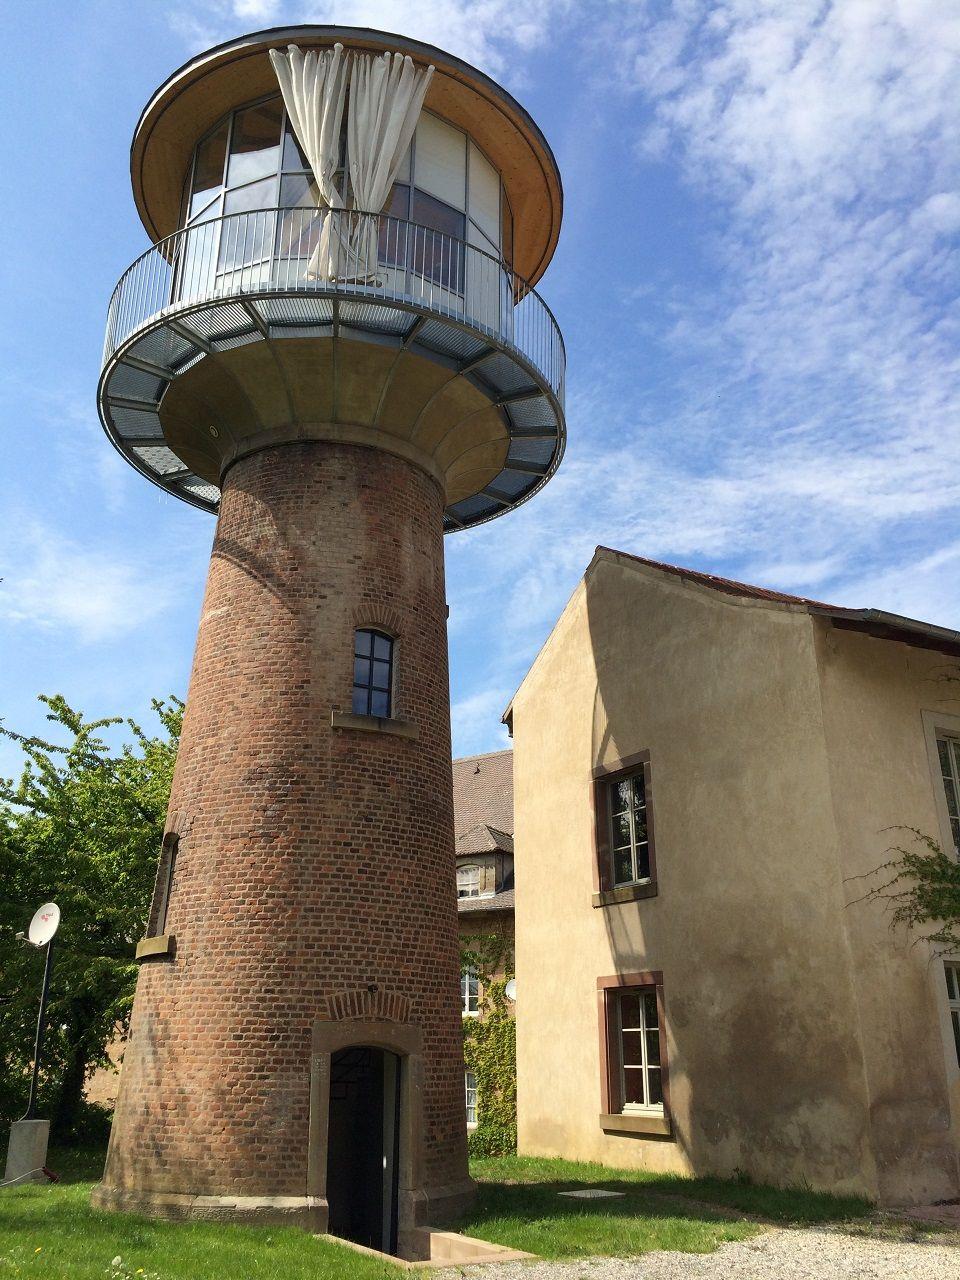 Gite insolite du chateau d 39 eau lorraine tourisme for Gite insolite